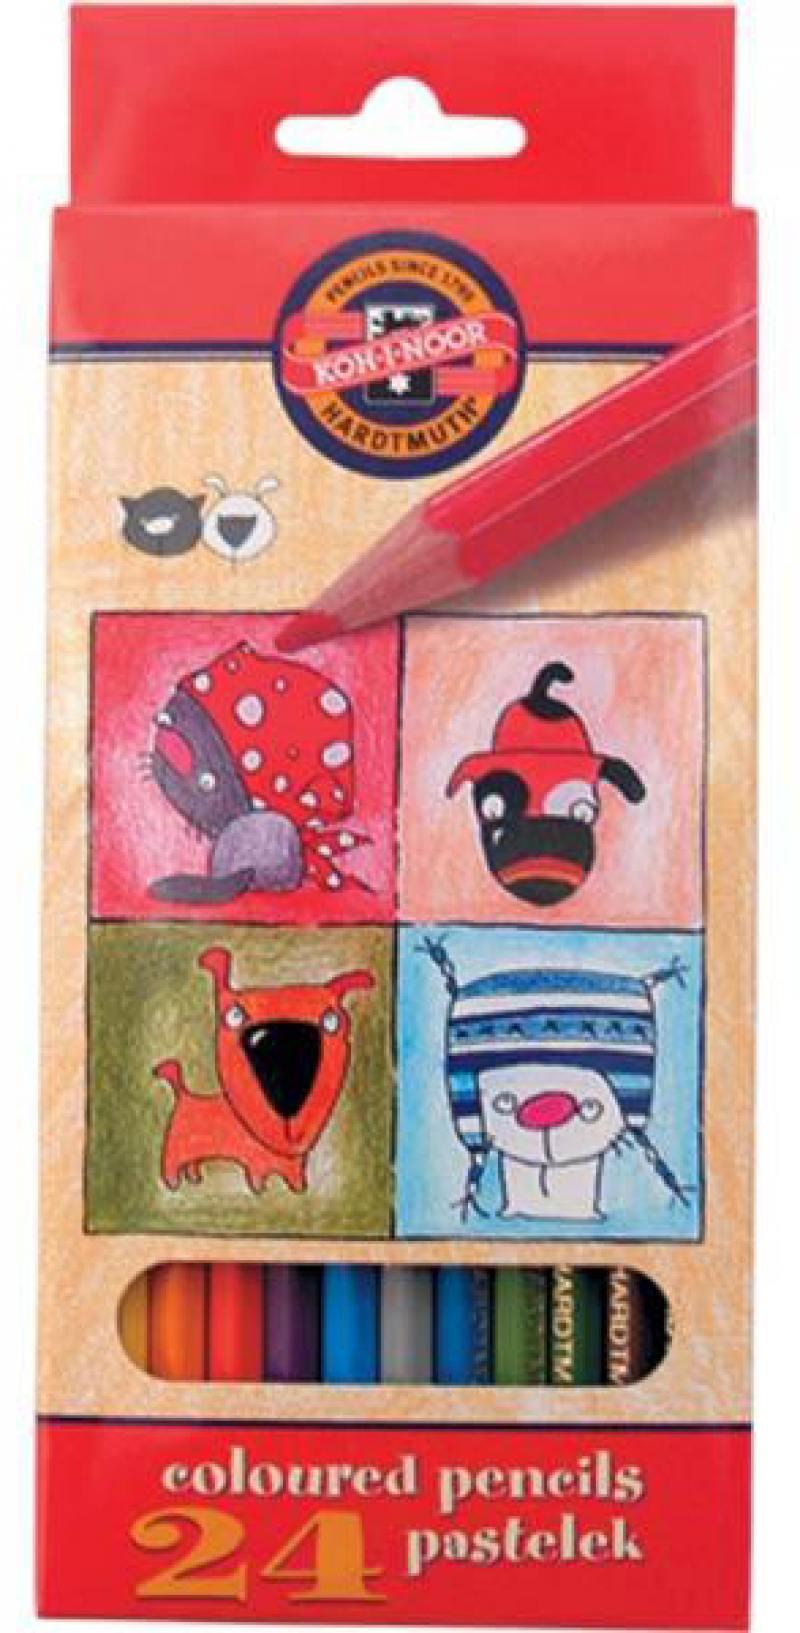 Набор цветных карандашей Koh-i-Noor Кошки+Собаки 24 шт односторонние 3594/24 5 KS 3594/24 5 KS набор цветных карандашей silwerhof 134206 24 народная коллекция 24 шт